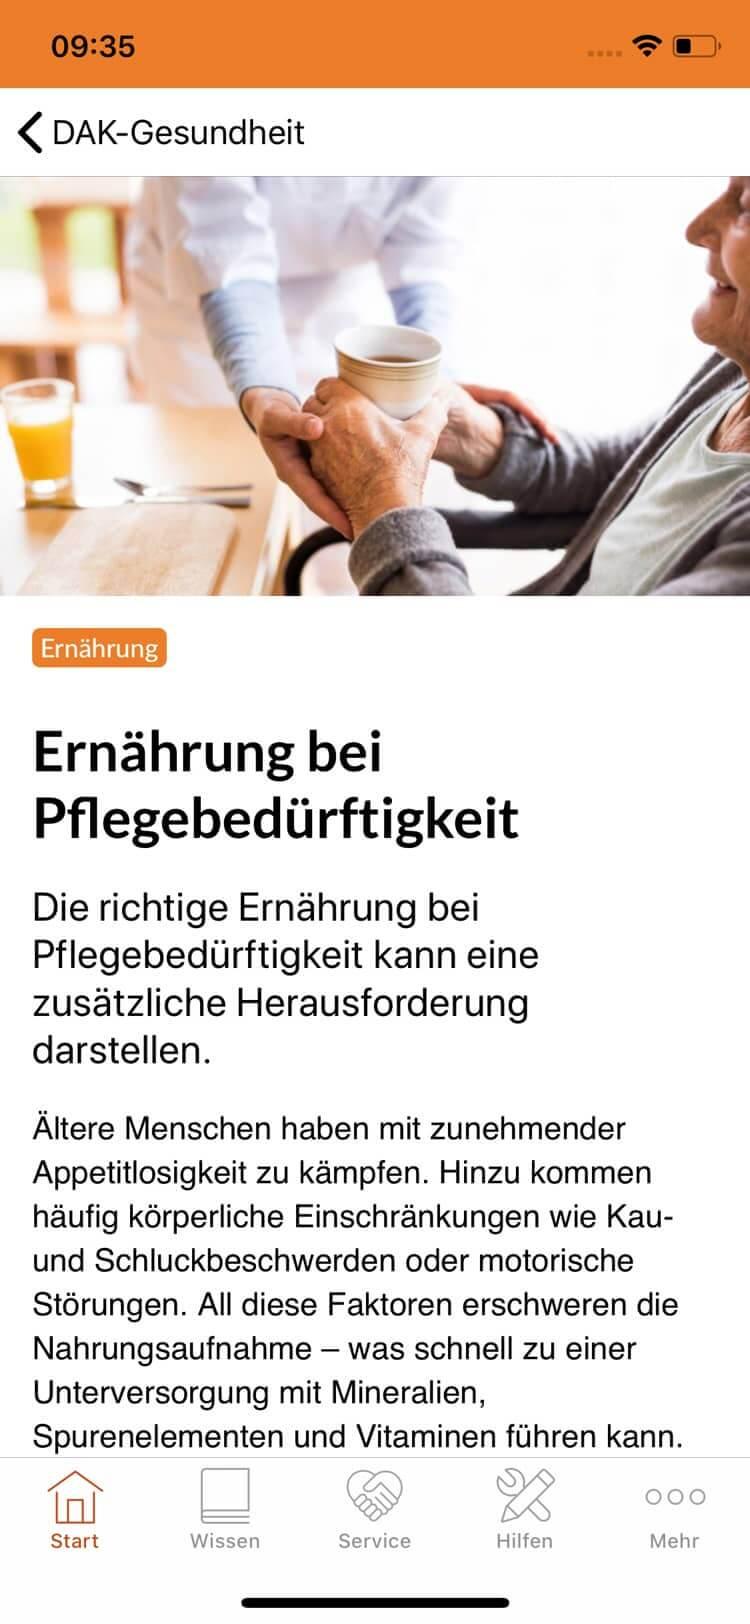 Screenshot DAK Pflege-App, Artikel über Ernährung bei Pflegebedürftigkeit